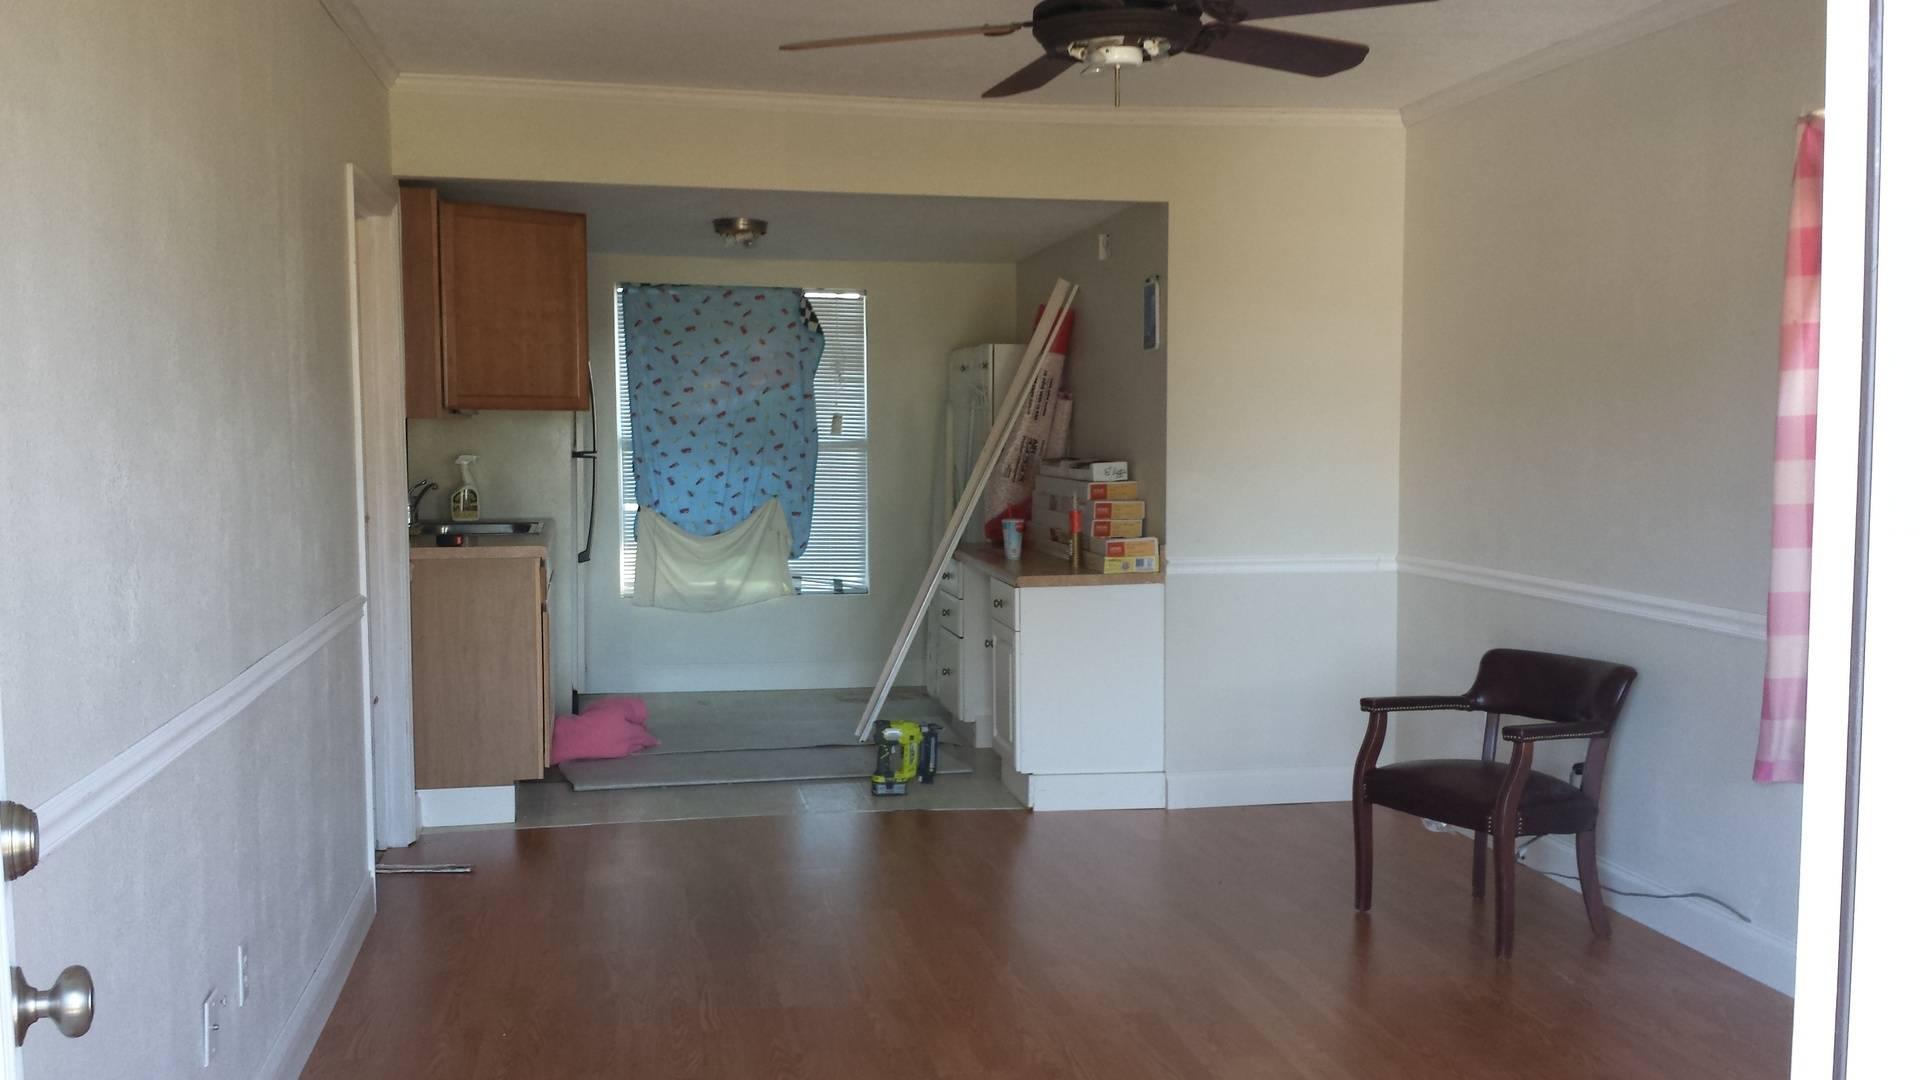 Flooring and trim